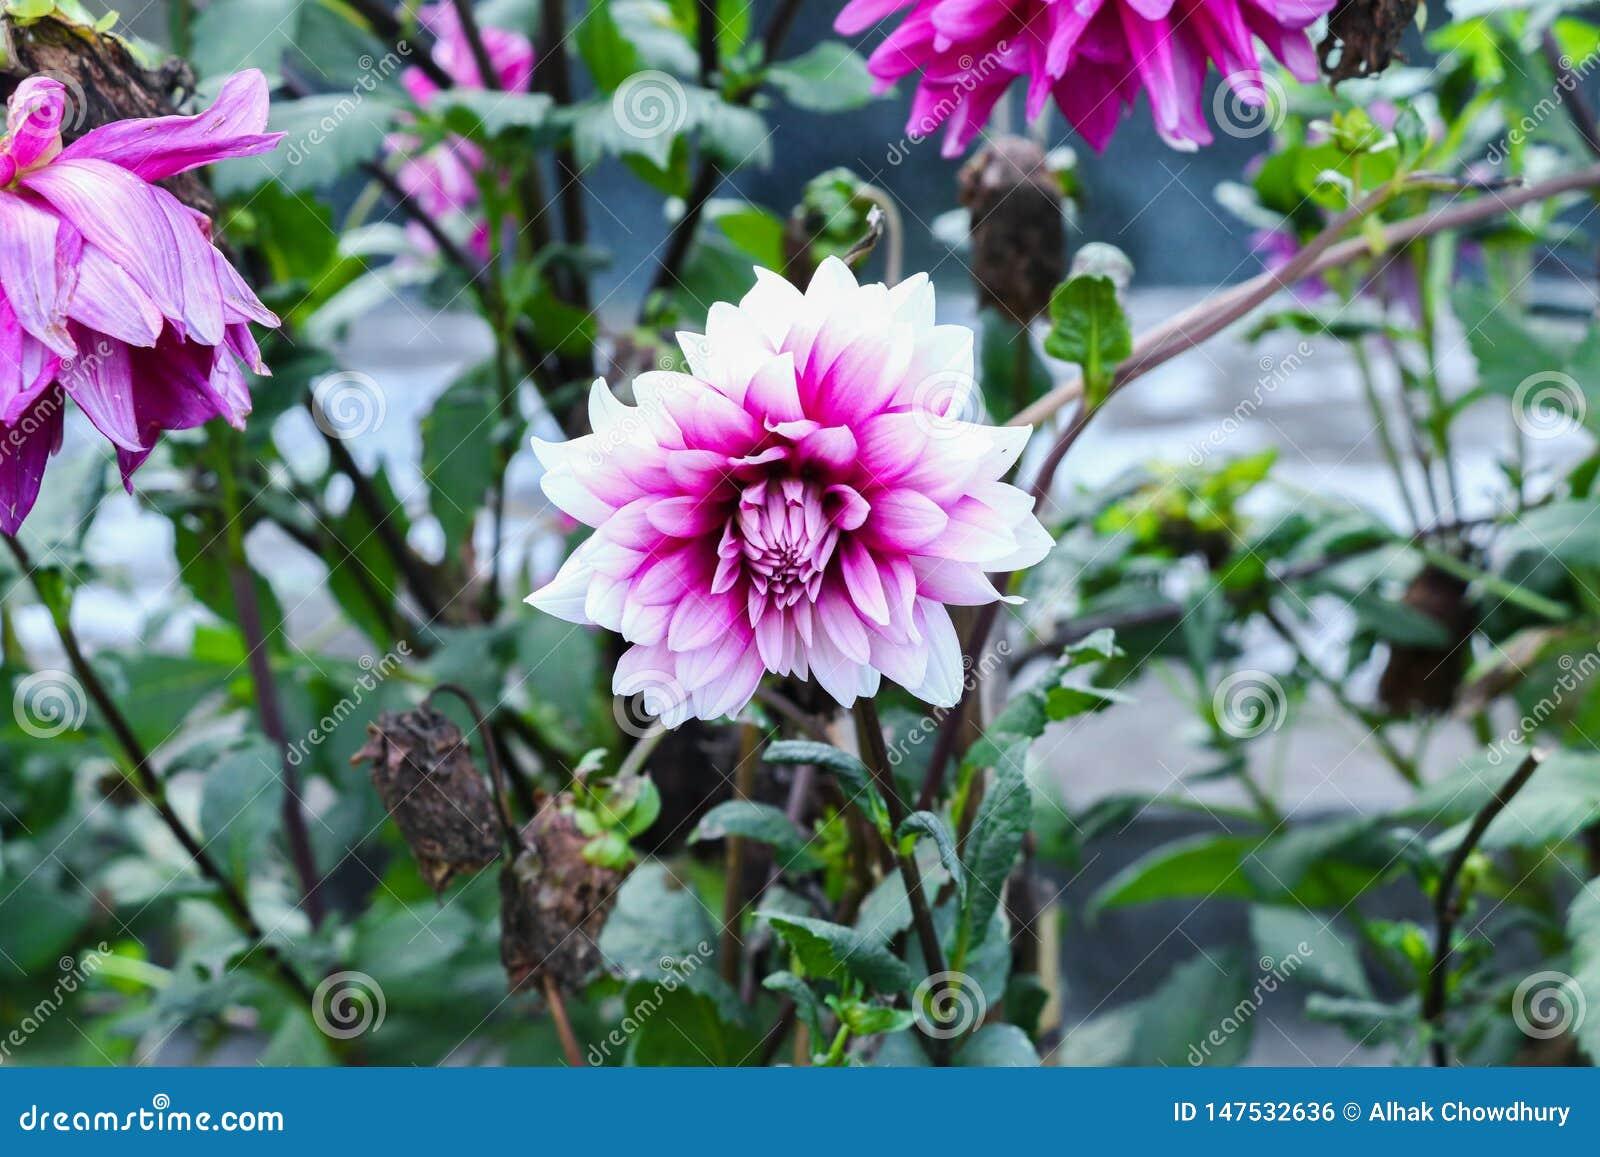 De bloem in groene tuin doorbladert en blauwere achtergrond